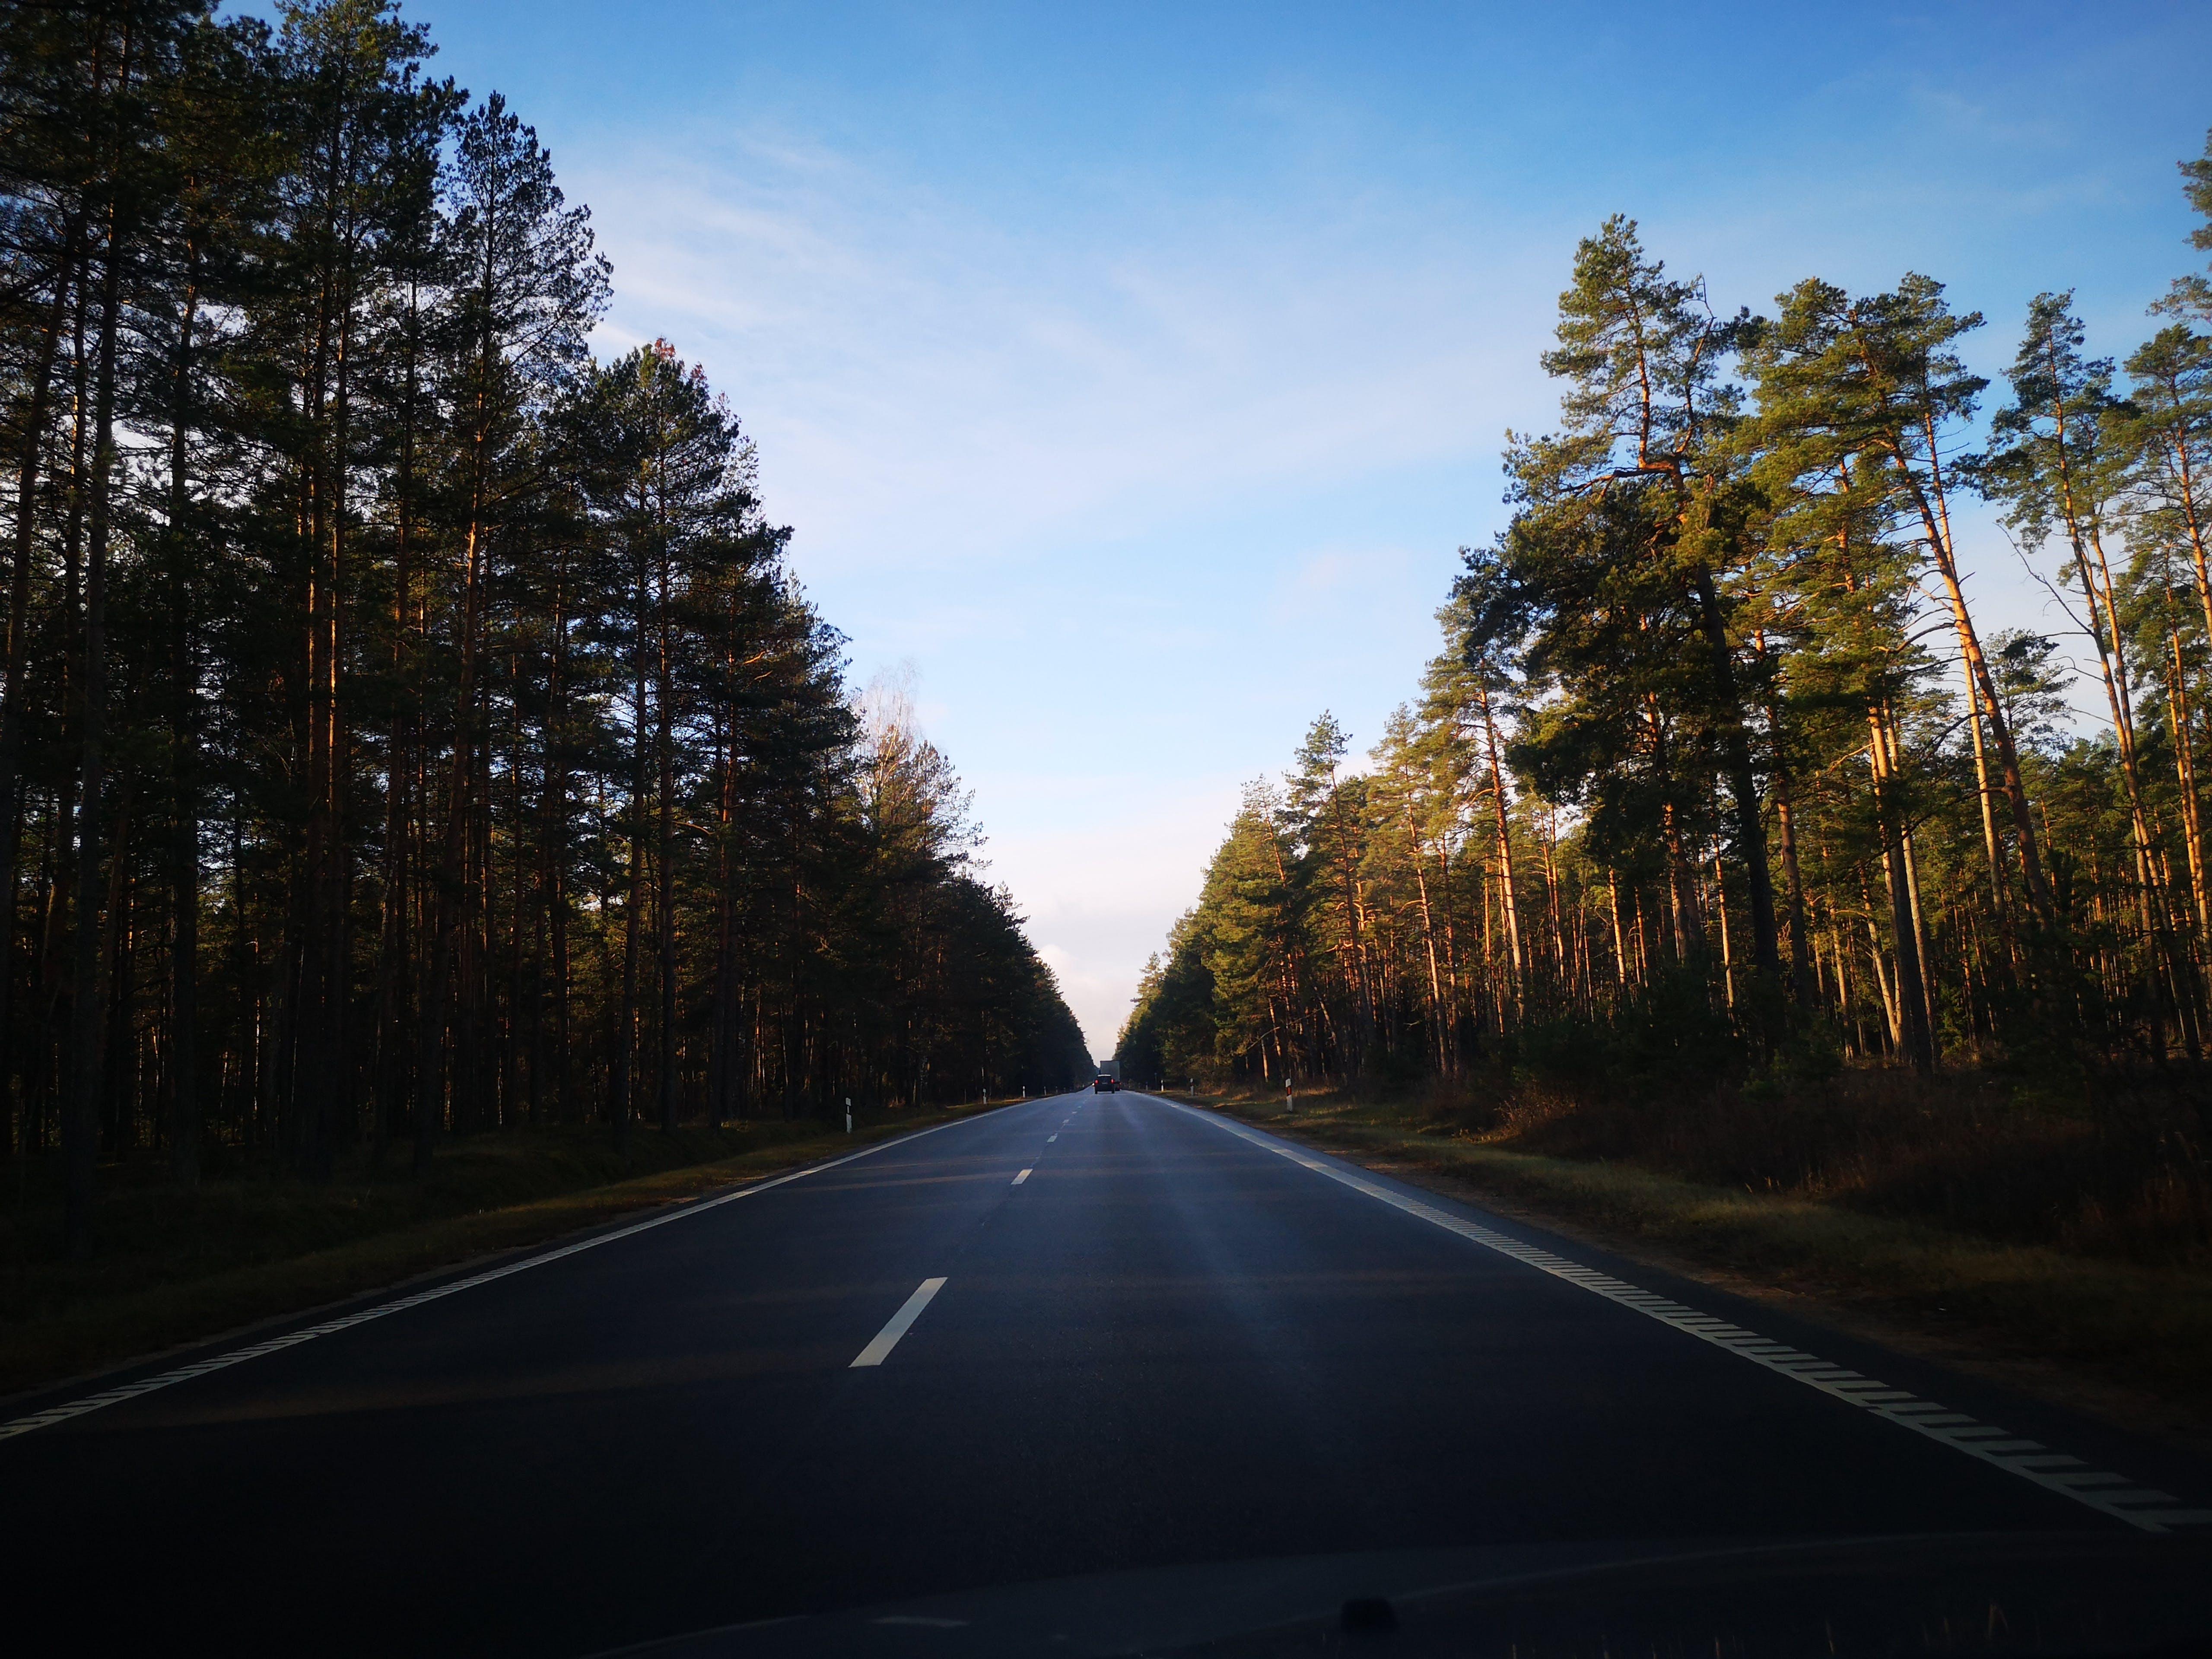 Δωρεάν στοκ φωτογραφιών με roadtrip, άσφαλτος, αυτοκινητόδρομος, δασικός